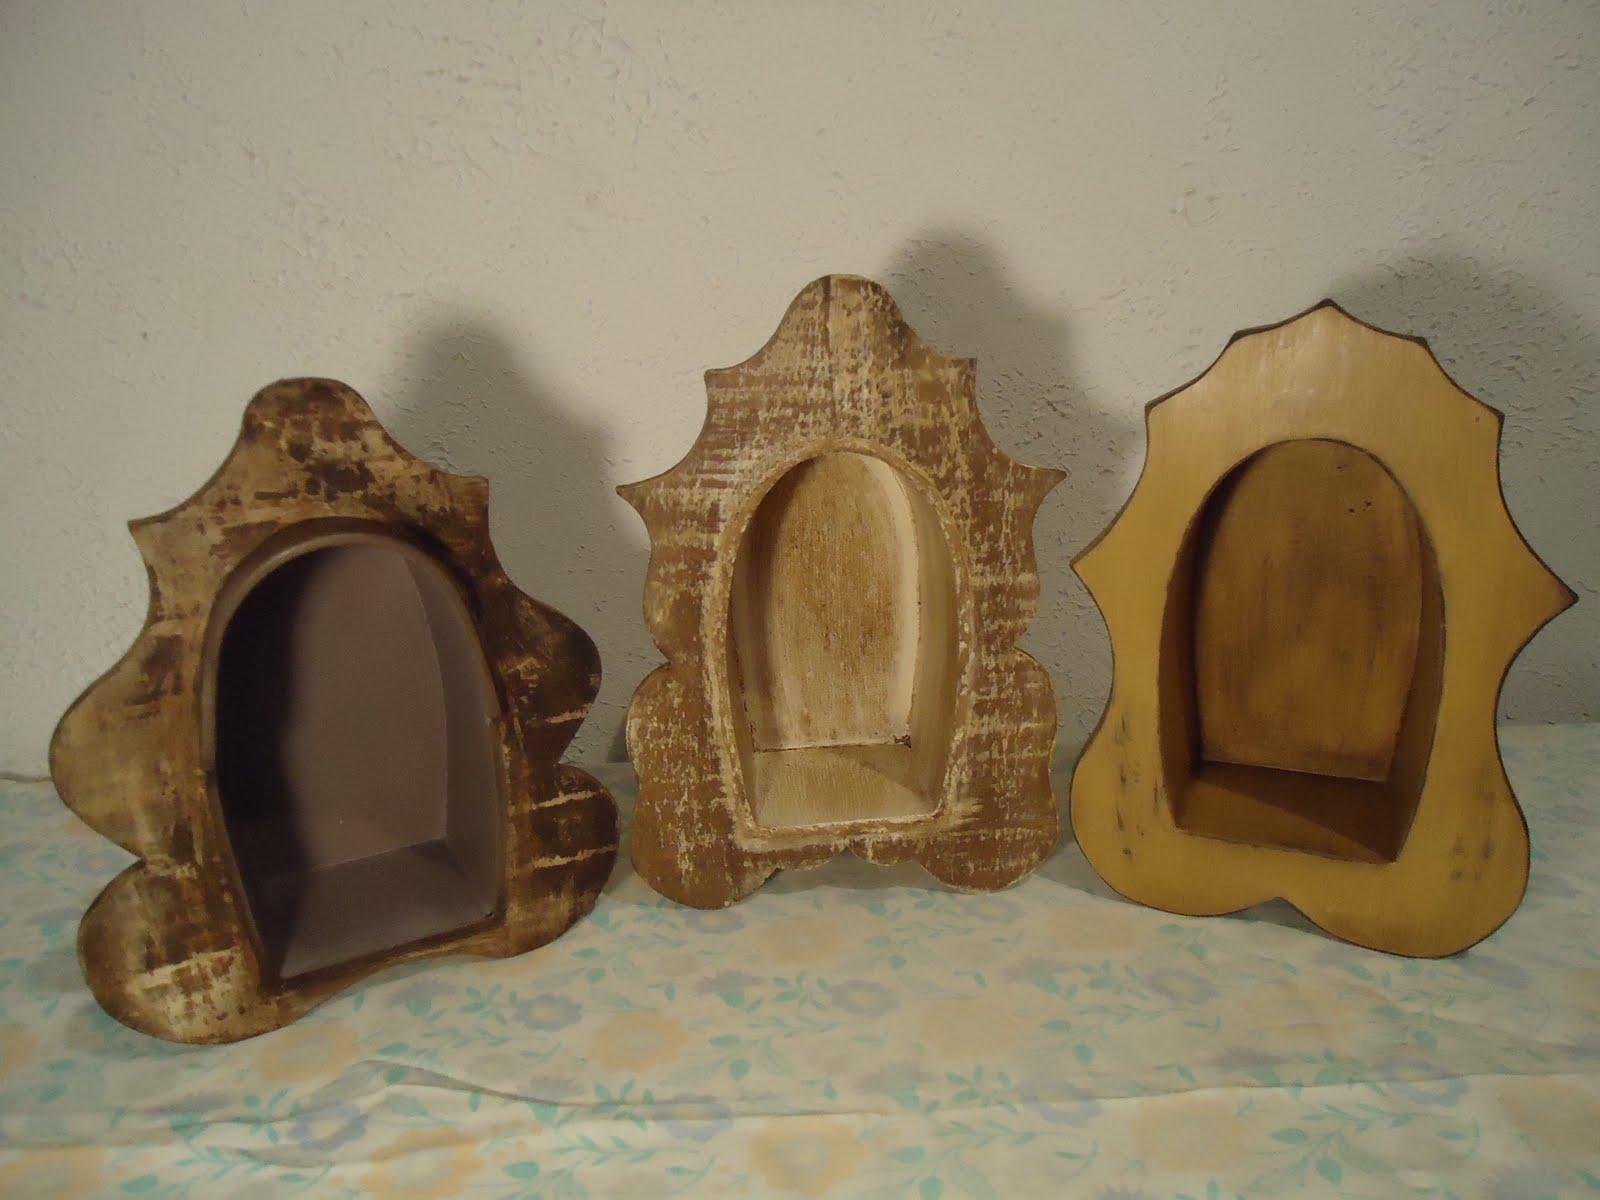 Artesanato em Madeira: Oratórios em madeira (de R$15 a R$60 00) #654622 1600x1200